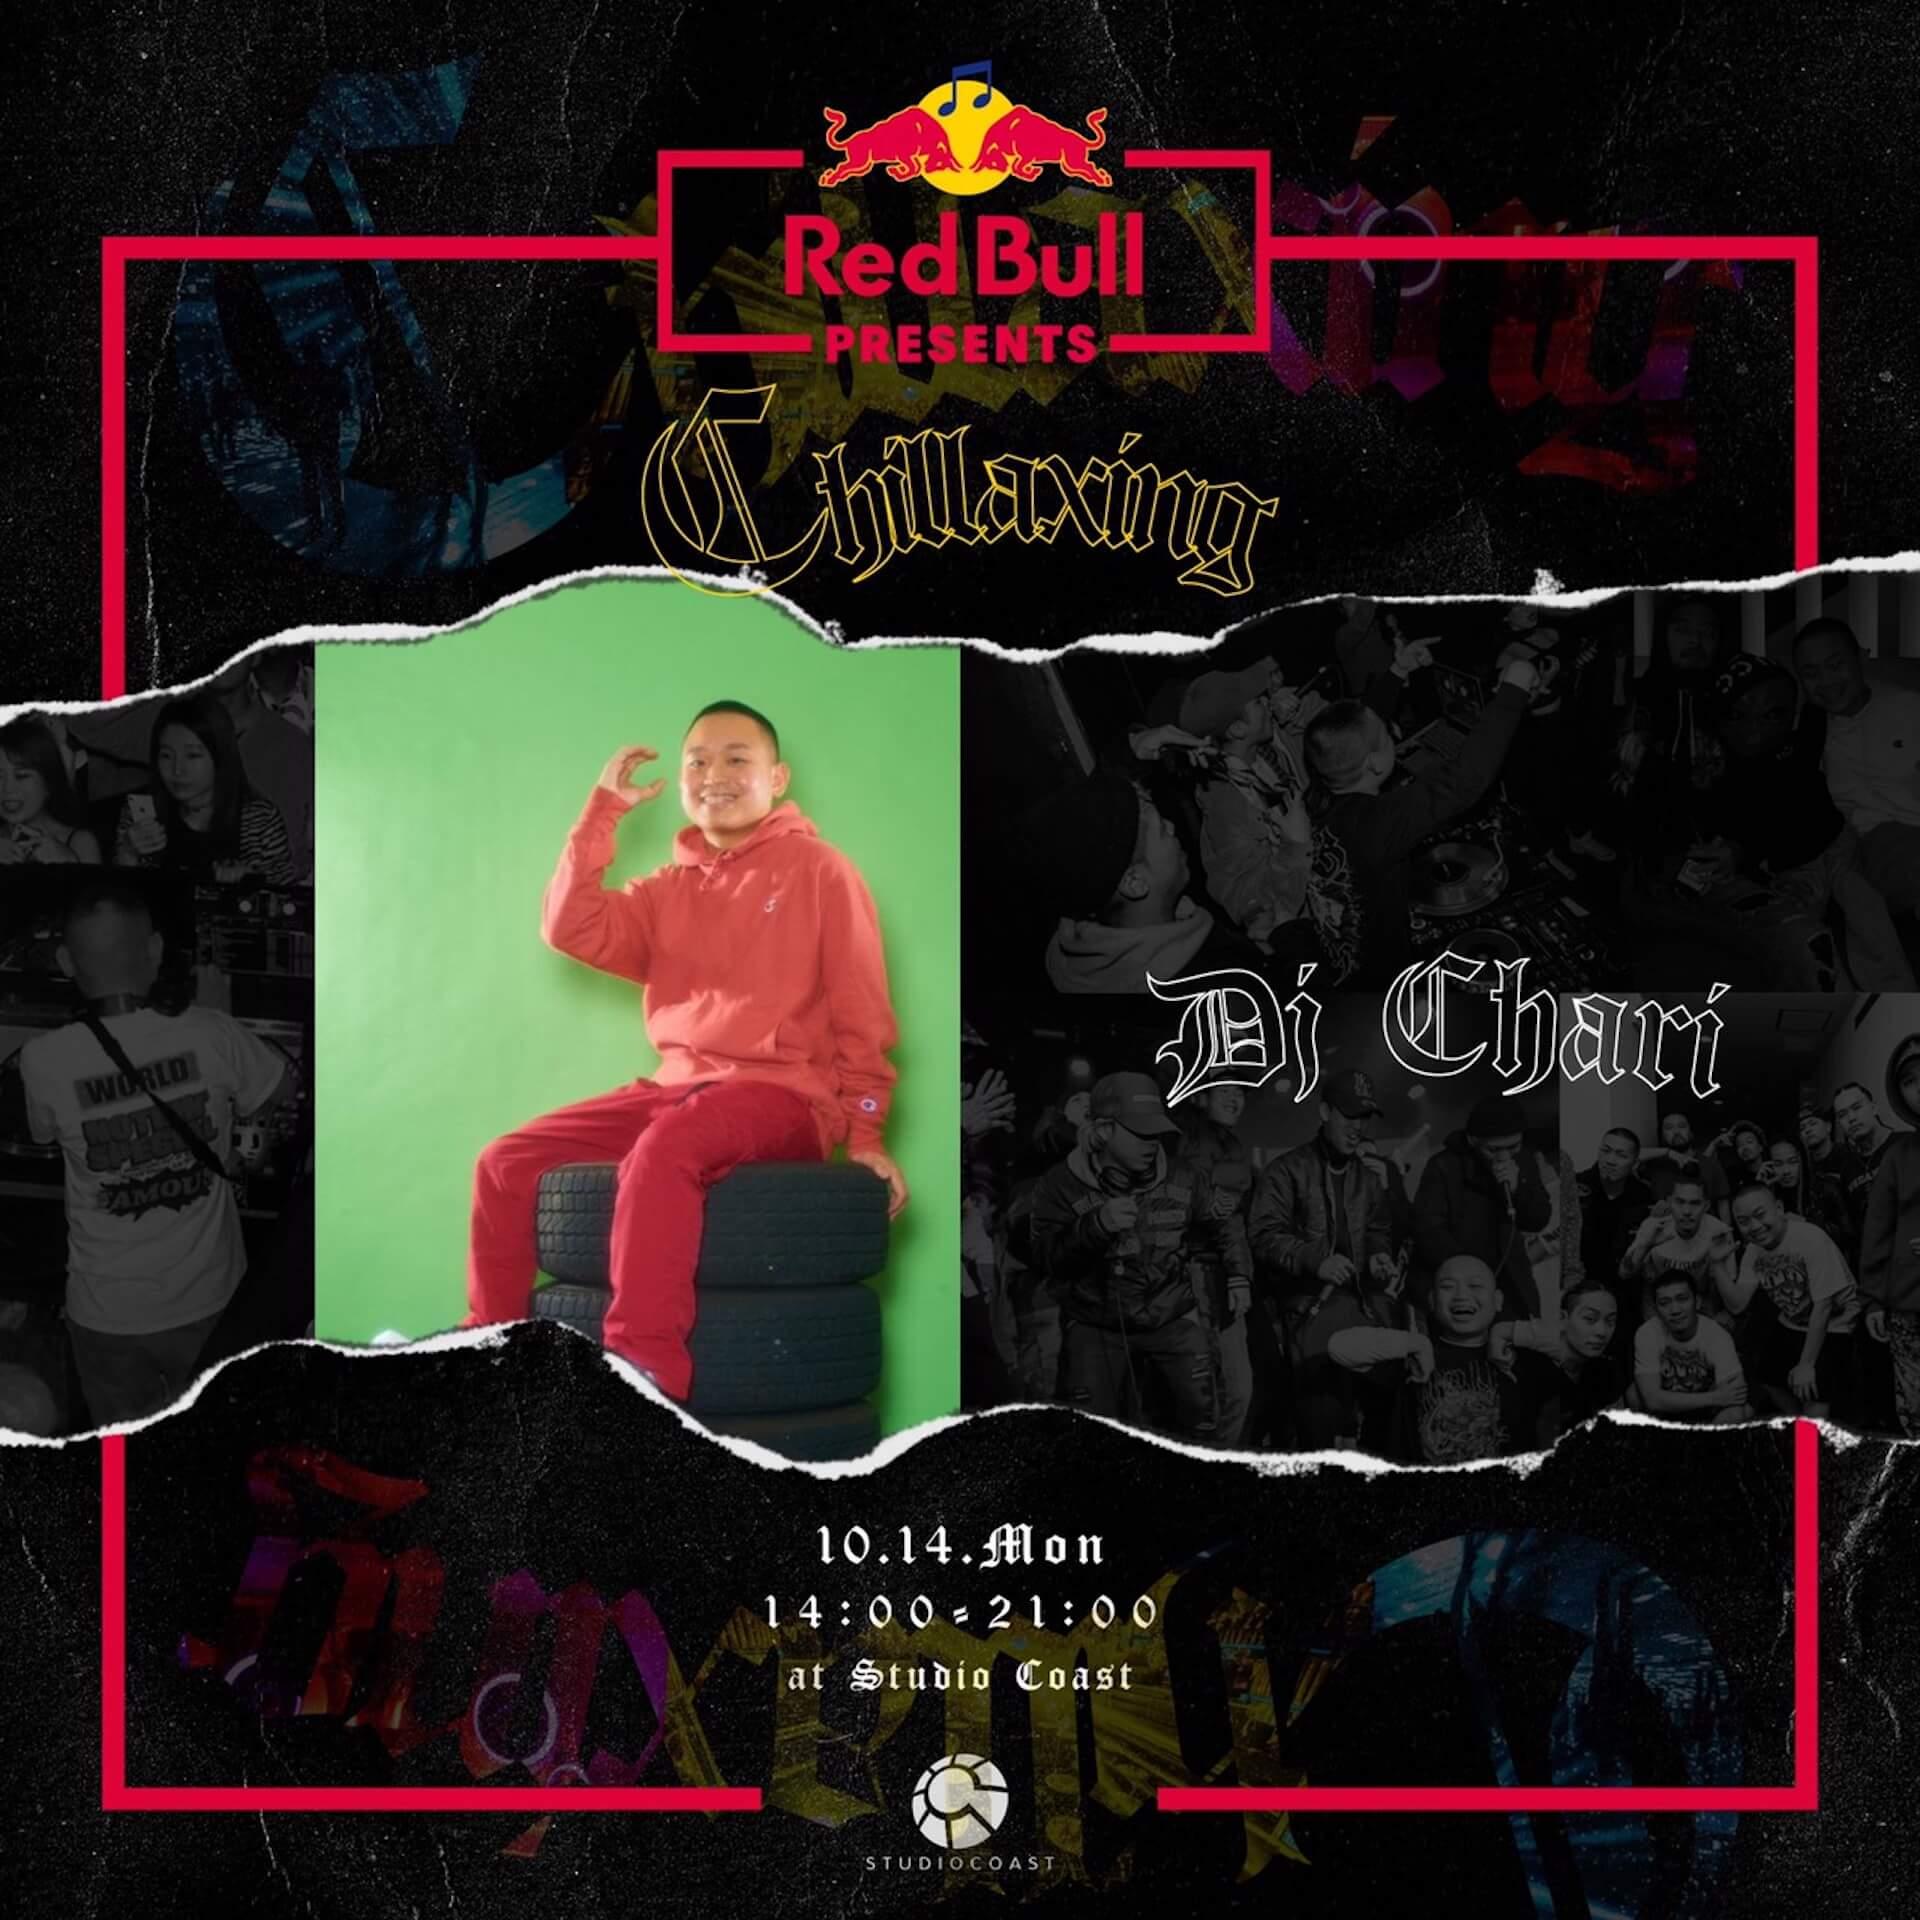 日本のHIP HOP最重要パーティ<Chillaxing>とRed Bullが初コラボ|追加アーティストに、JP THE WAVY、Taeyoung Boy、Shurkn Papらが決定 DJ-CHARI